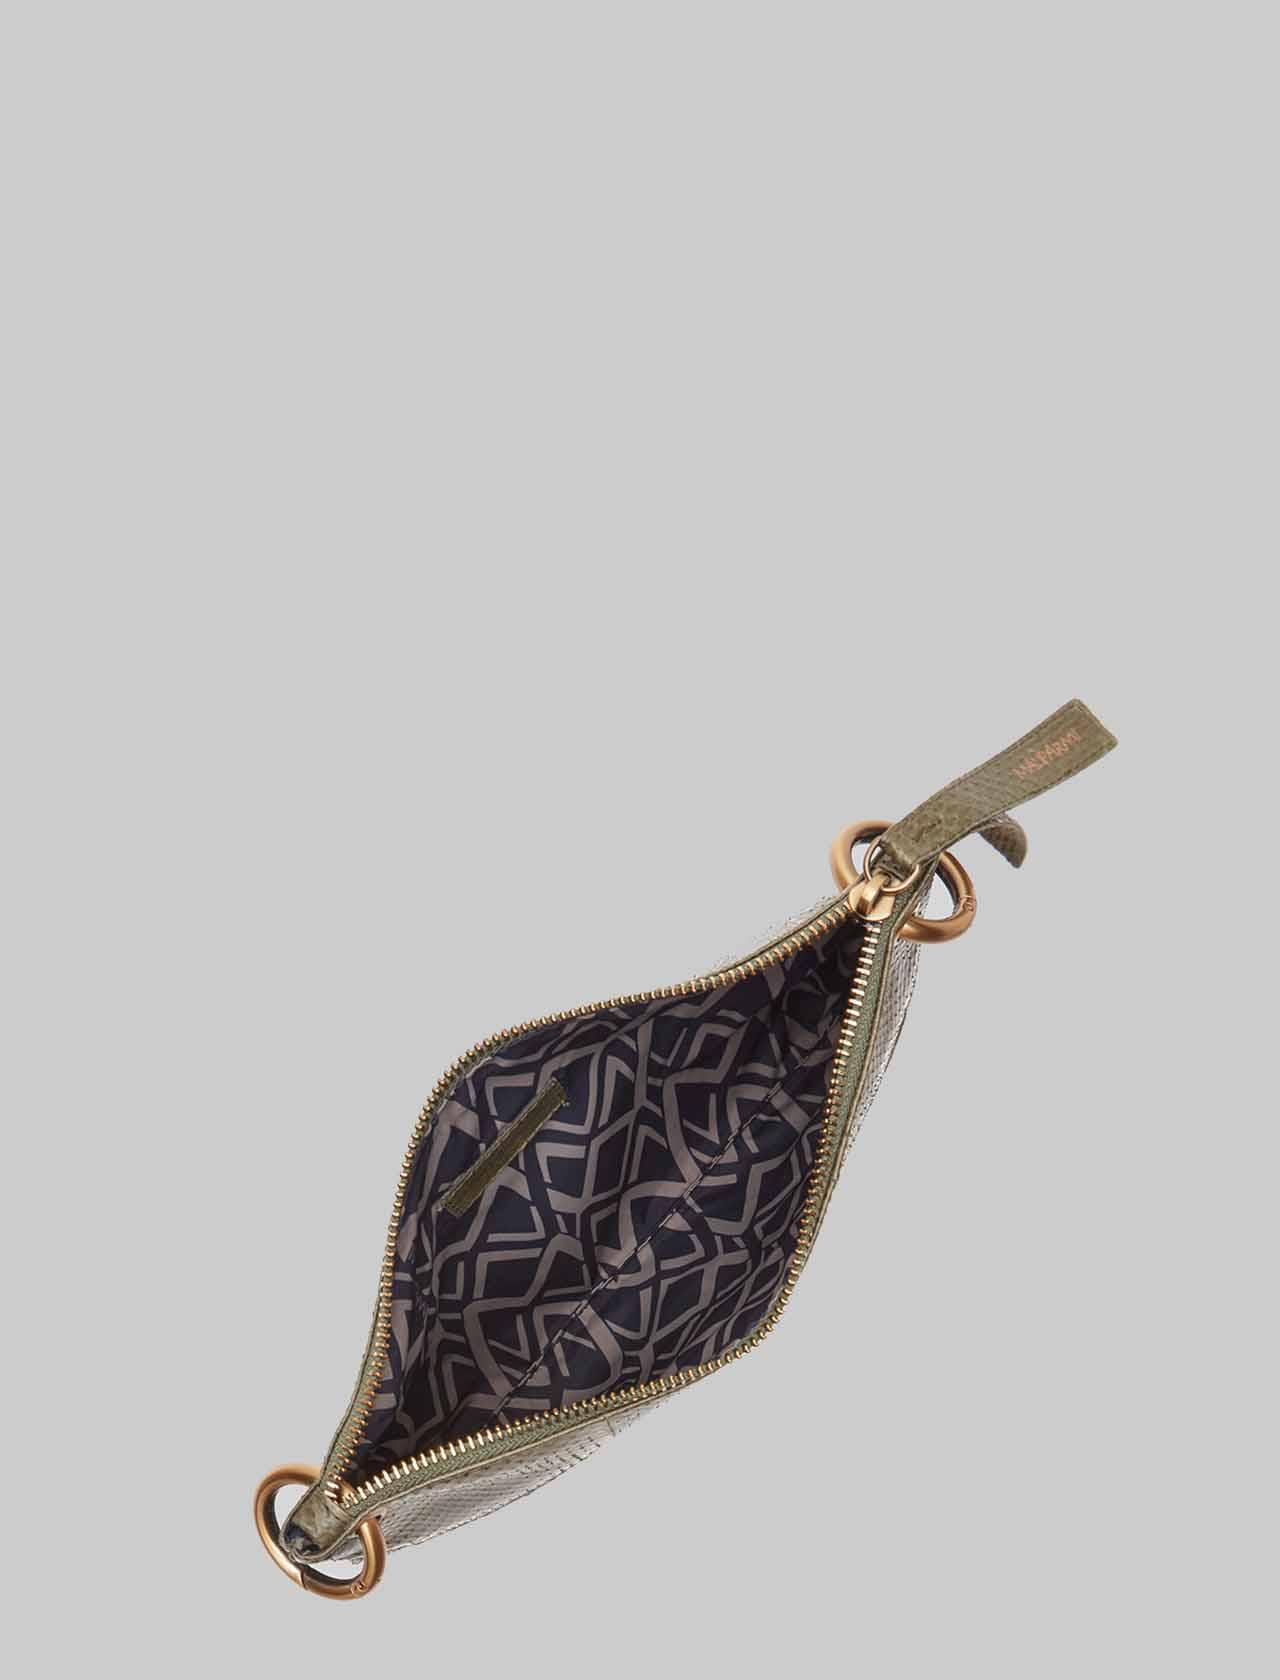 Borsa Donna Tracolla Piccola Exotic Woven in Wips Verde con Tracolla Removibile in Tinta Maliparmi | Borse e zaini | BD00670143660010